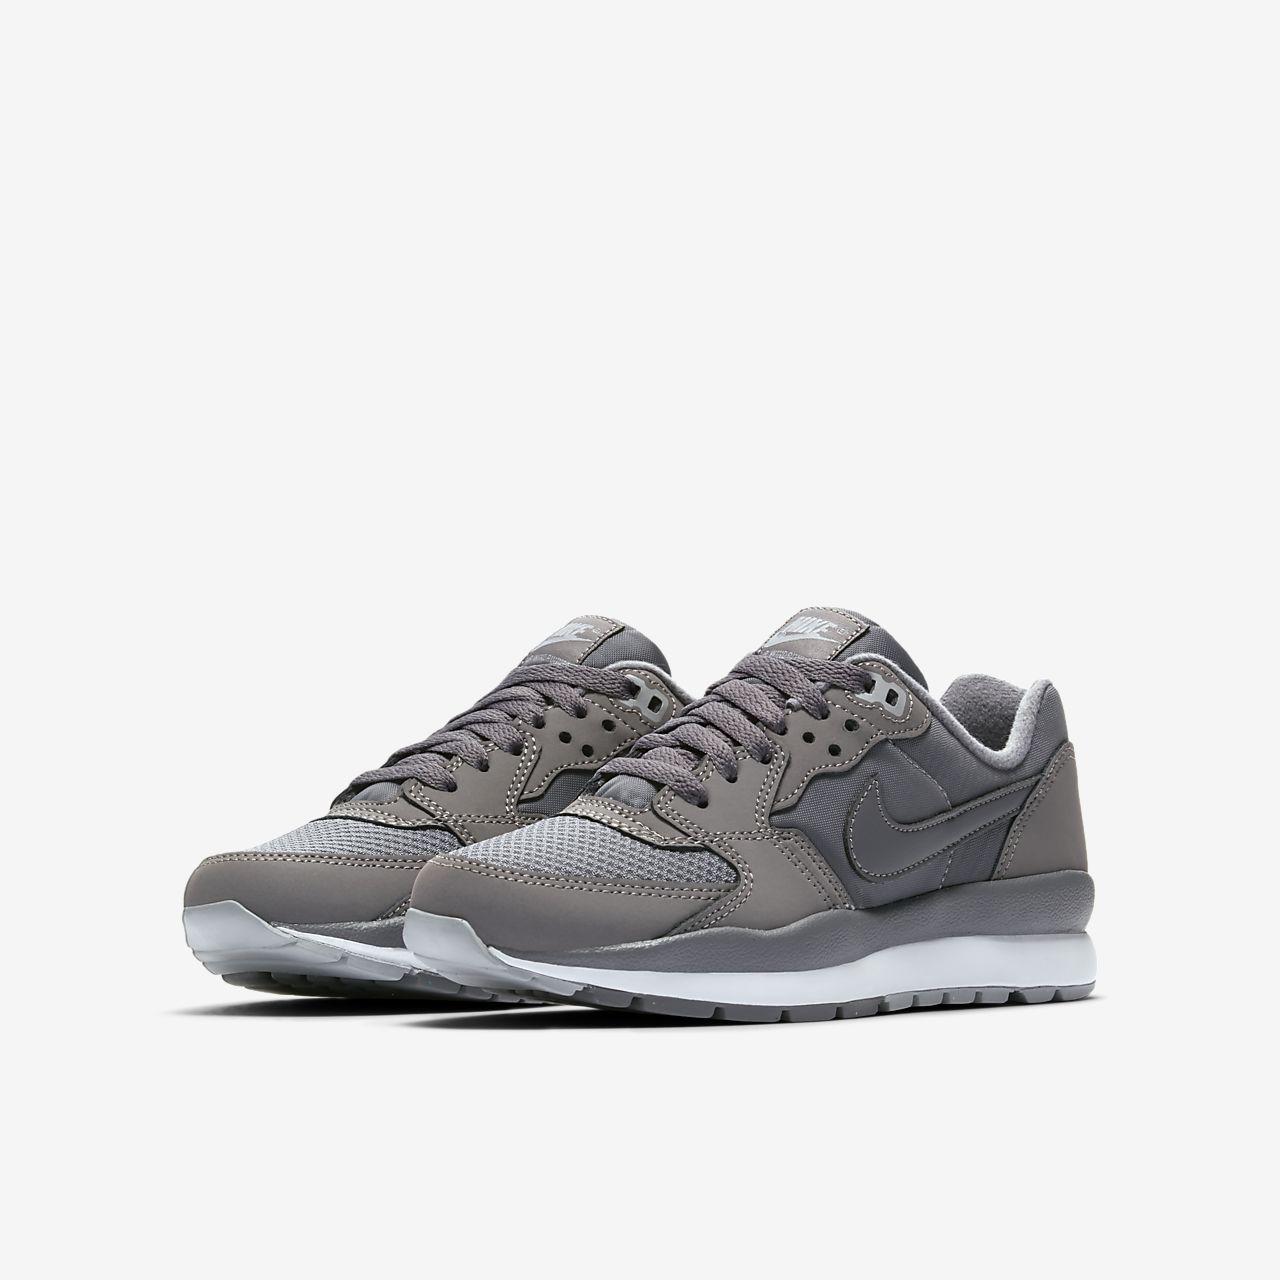 official photos 4e9ed 0f731 ... Chaussure de running Nike Air Windrunner TR 2 pour Garçon plus âgé